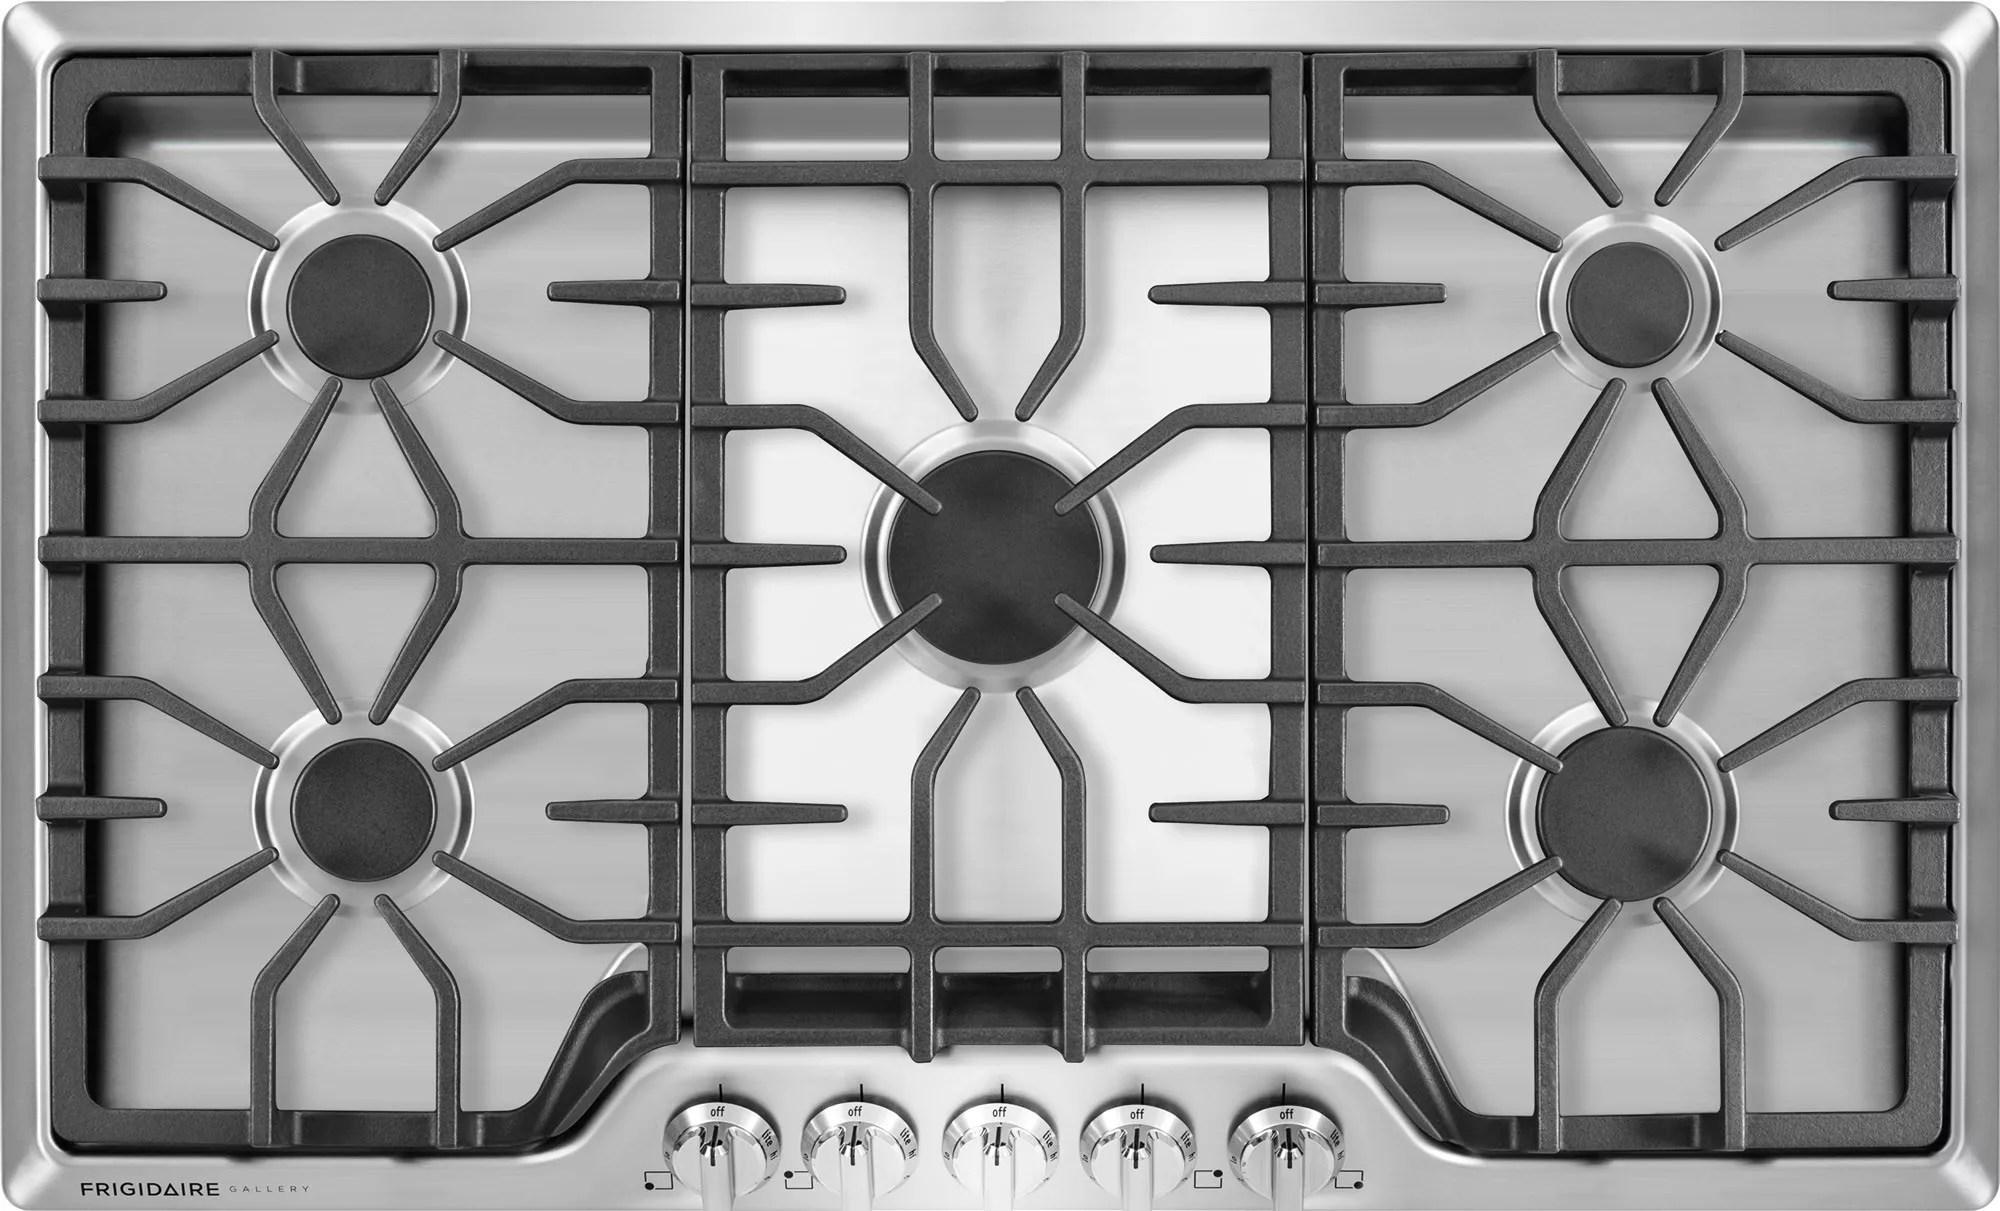 Bottom Depth Counter Freezer Refrigerator